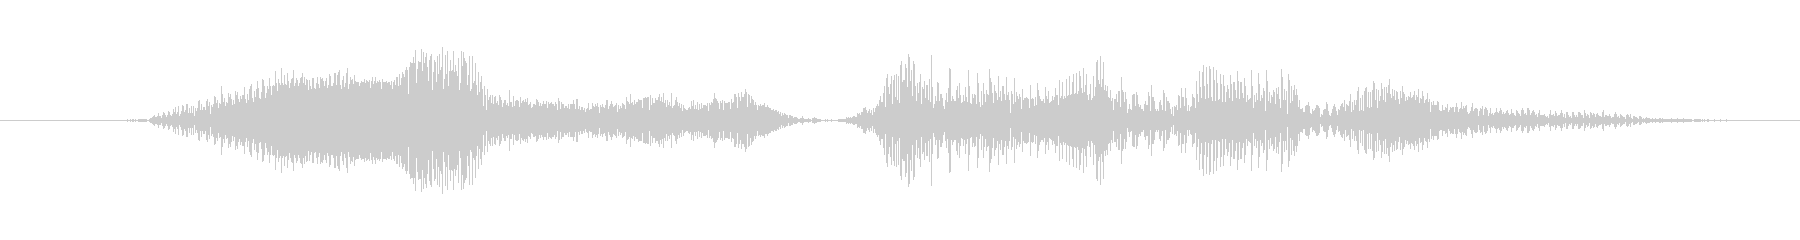 今すぐダウンロードォォ(特徴強め)の未再生の波形